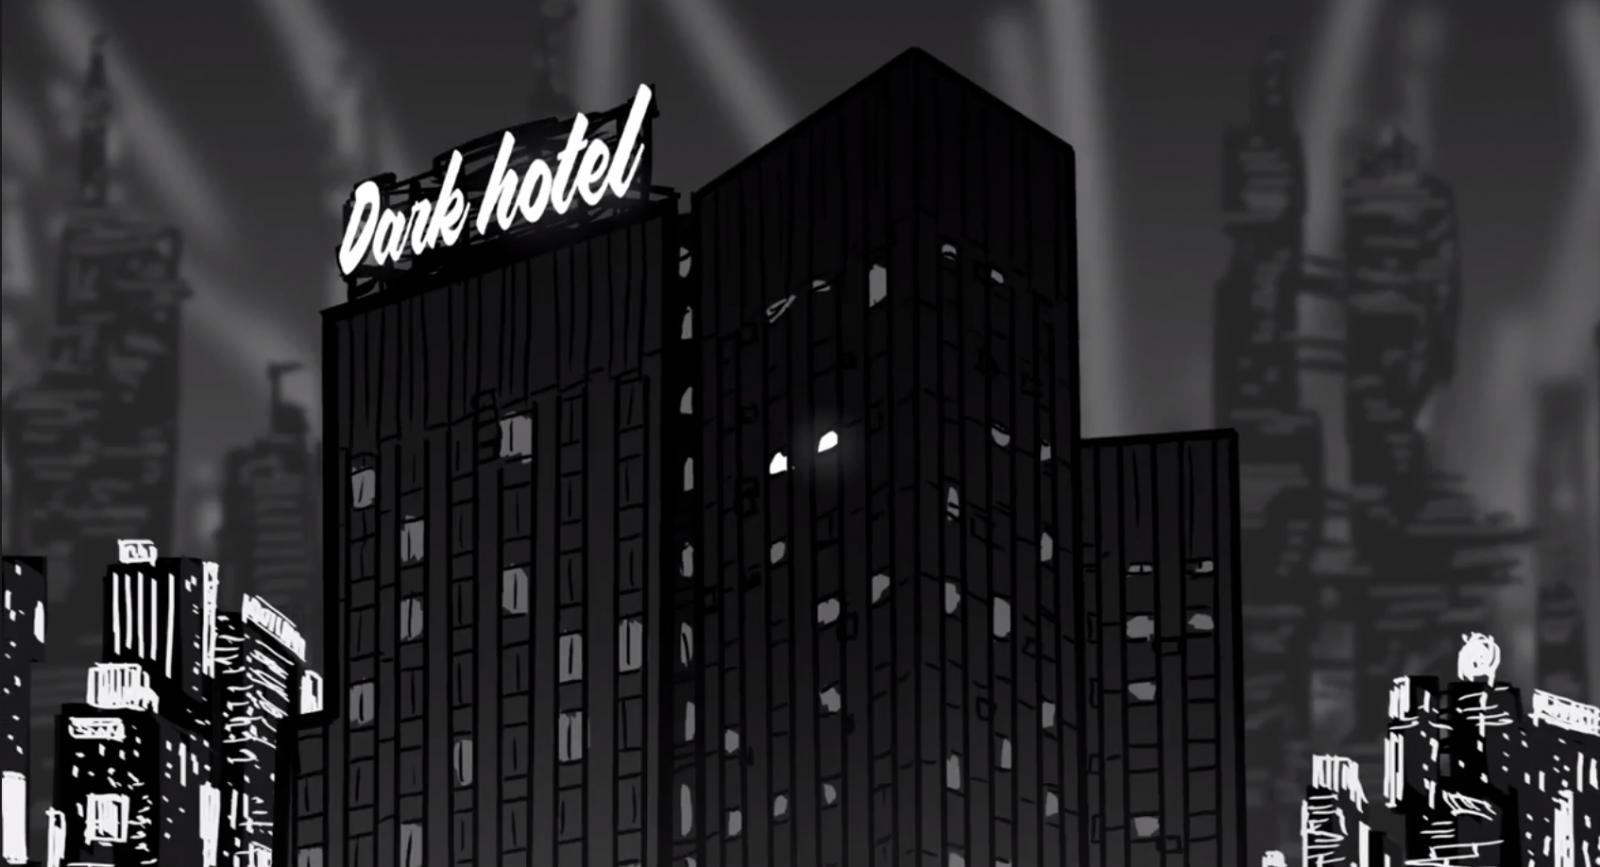 DarkHotel Cyber attack campaign